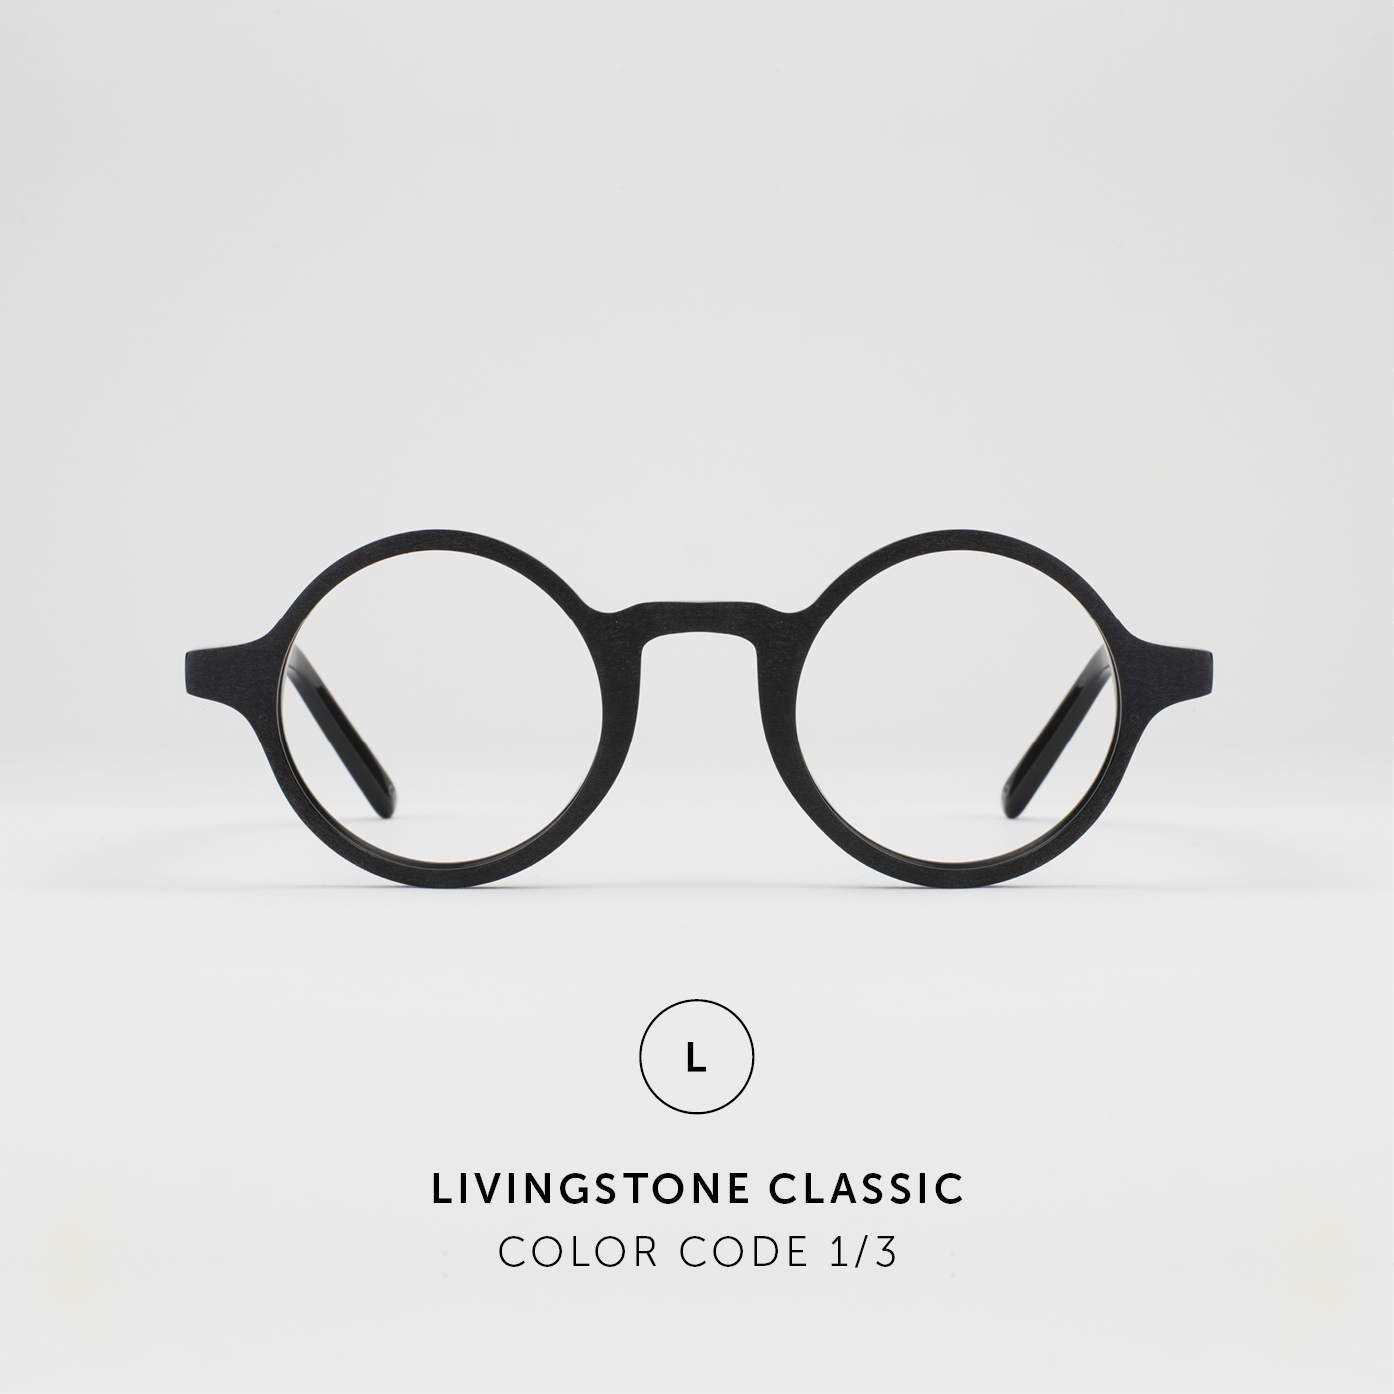 LivingstoneClassic9.jpg